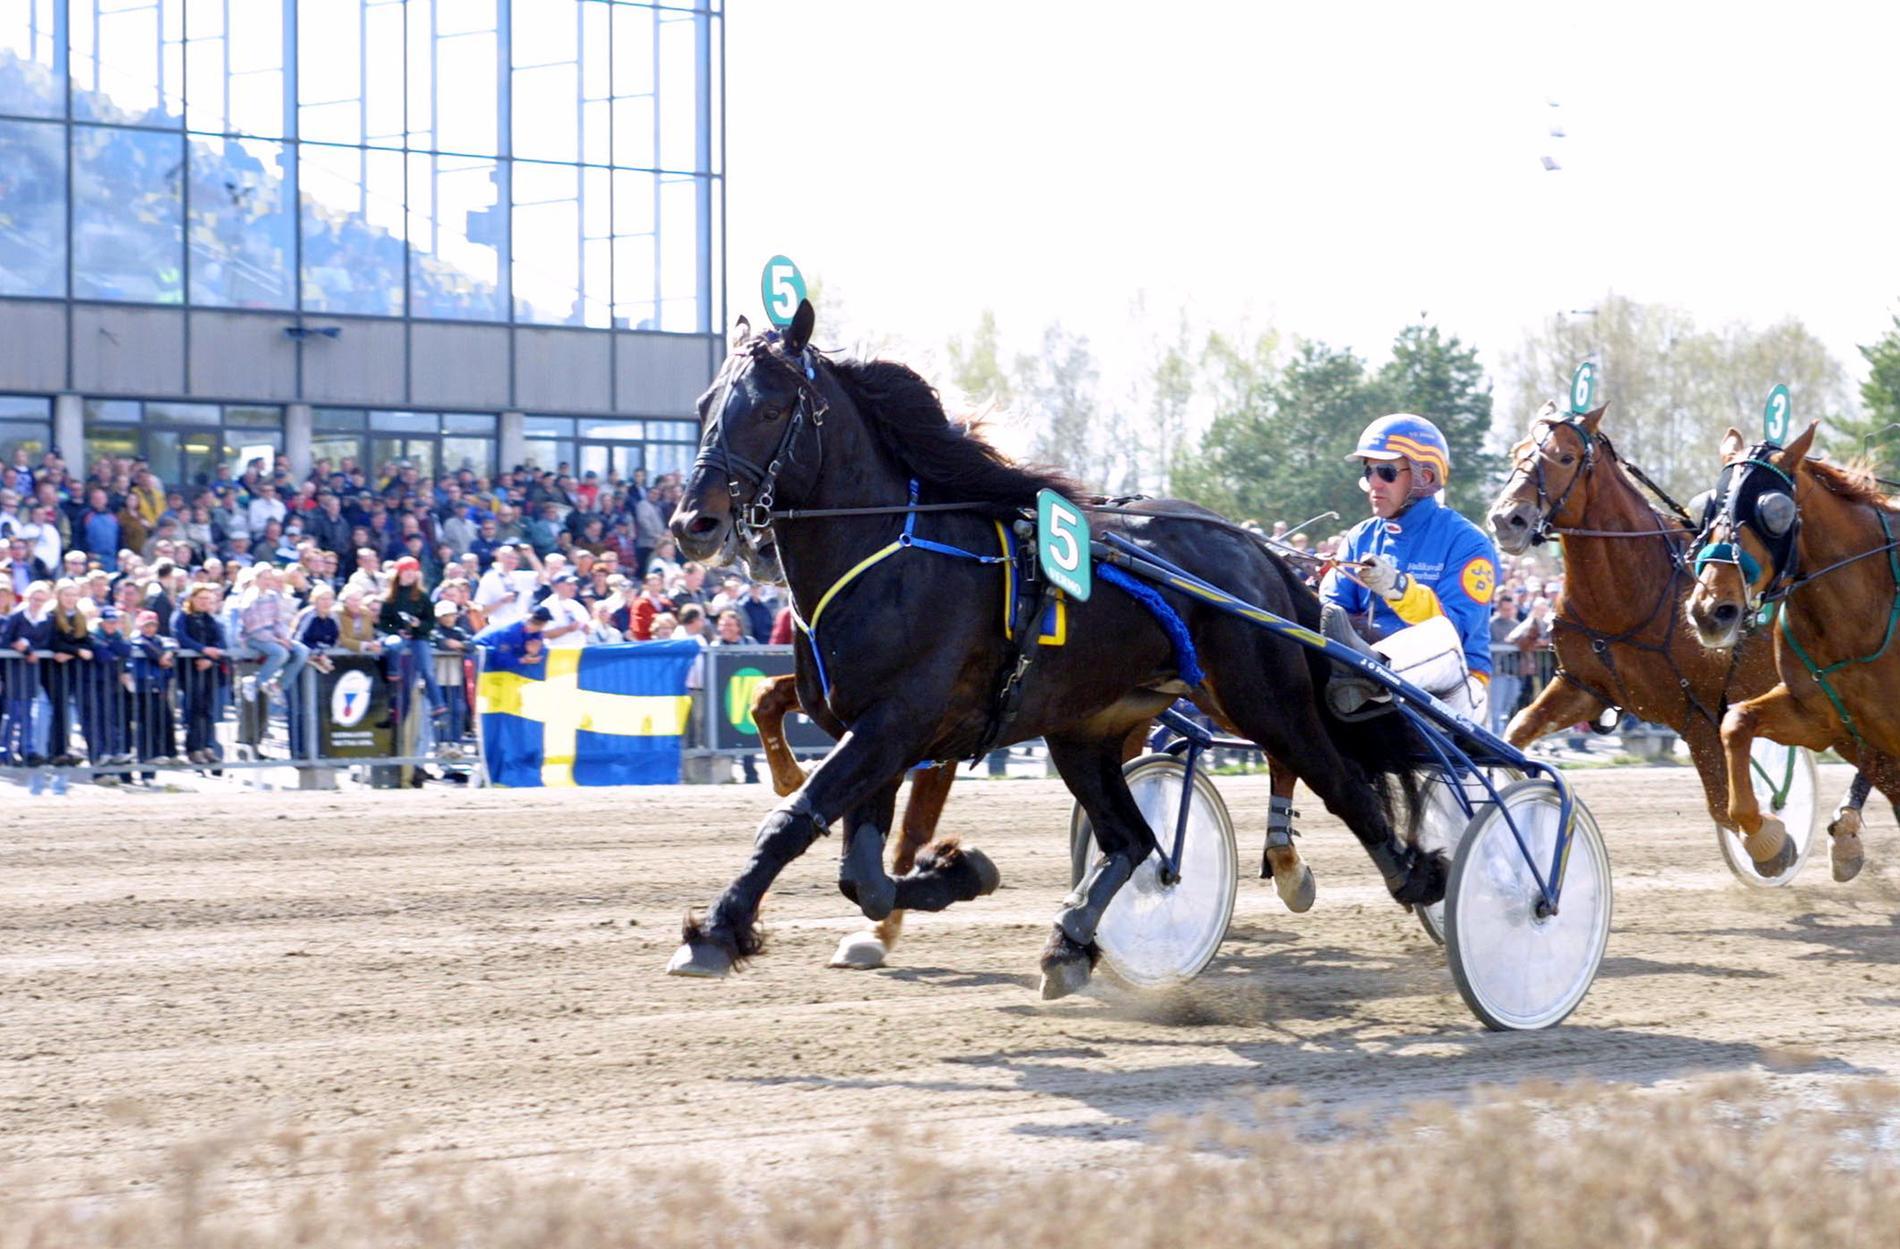 Järvsöfaks med tränaren och kusken Jan-Olov Persson.